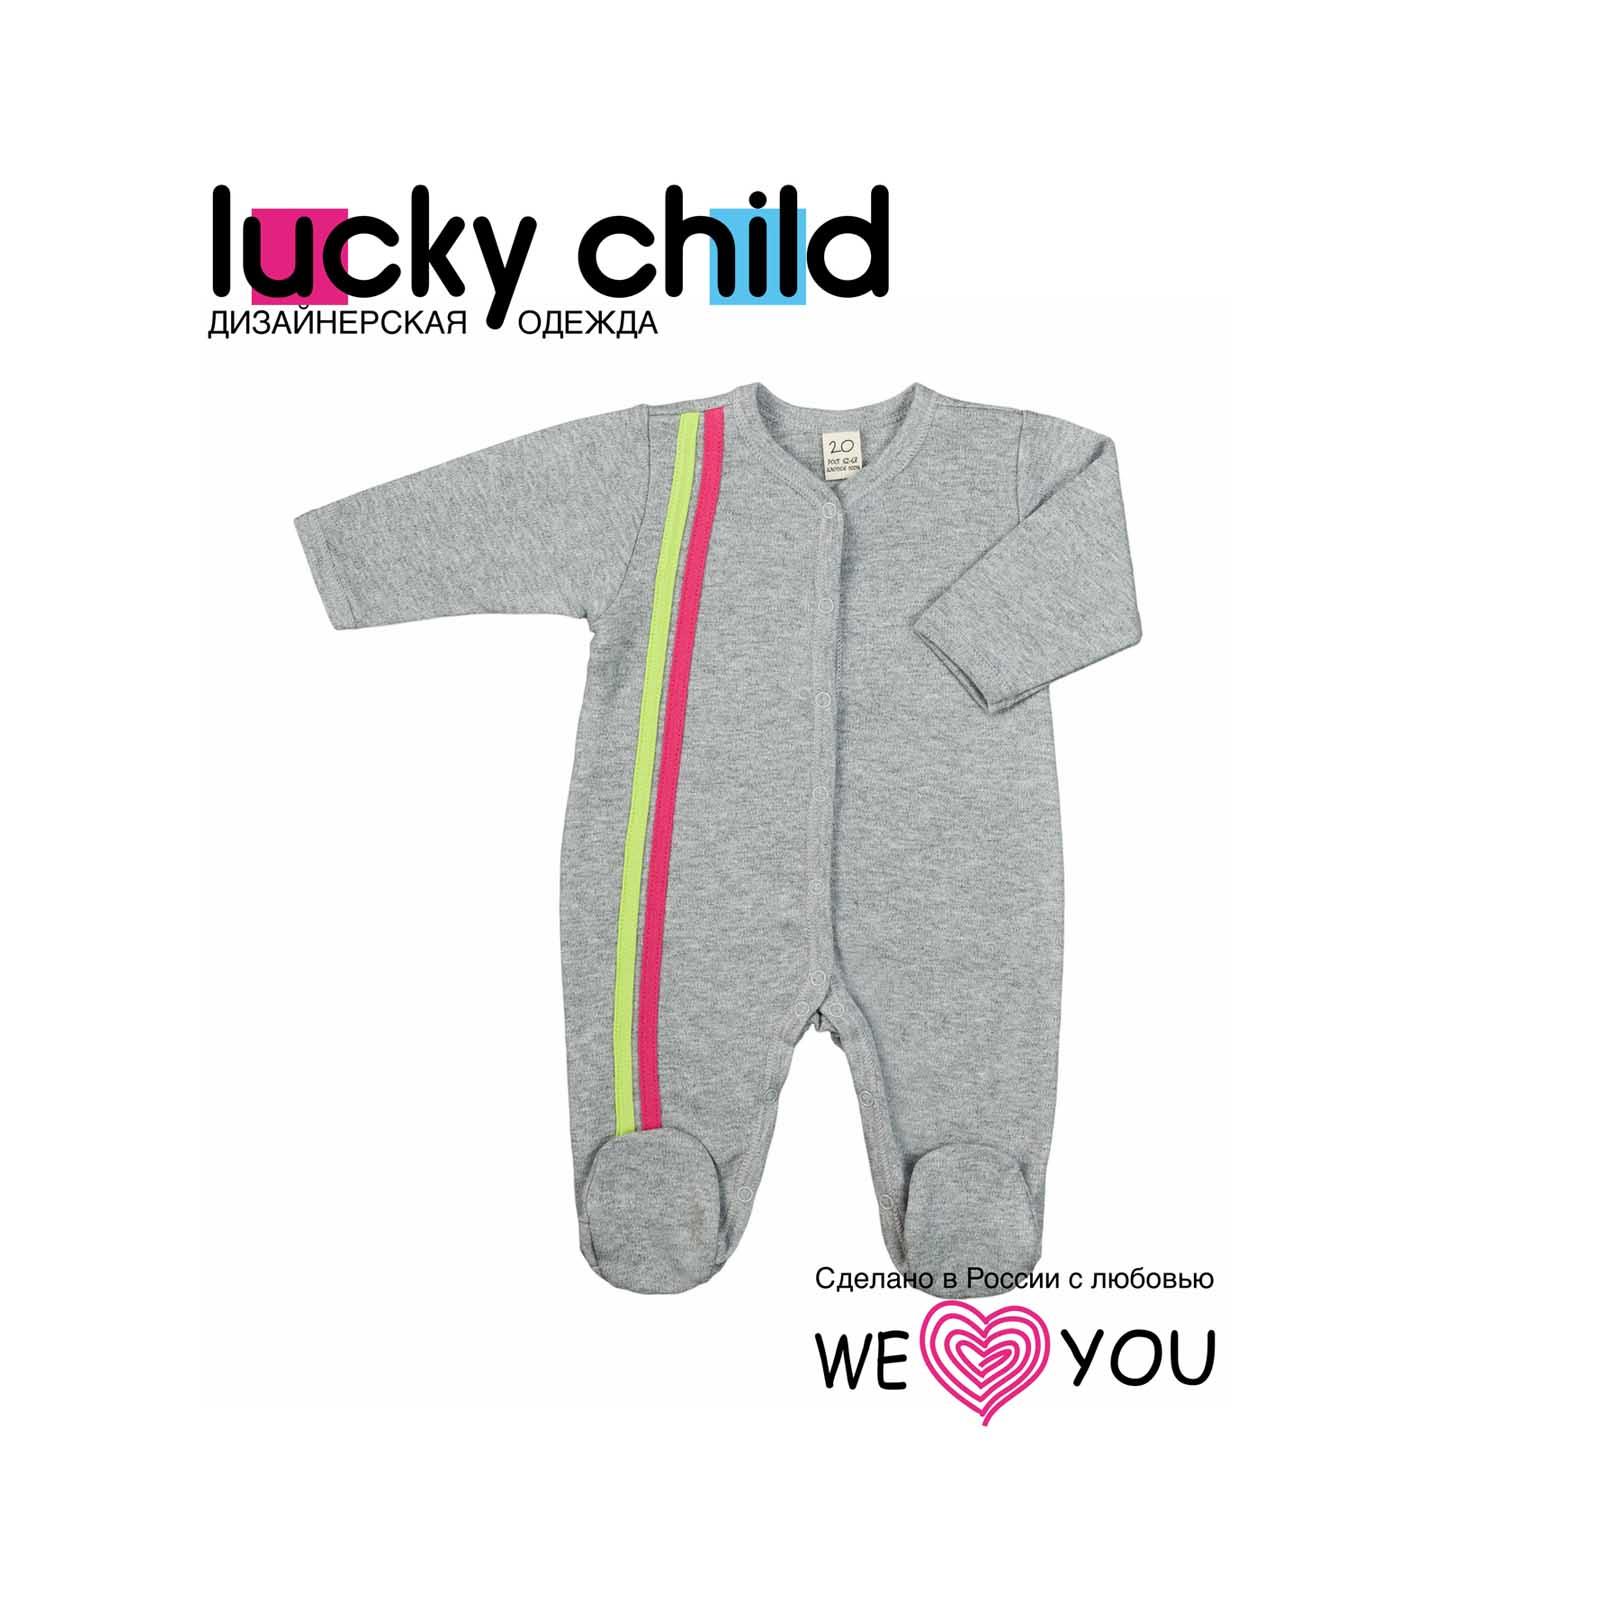 Комбинезон Lucky Child коллекция Спортивная линия, для девочки размер 68<br>